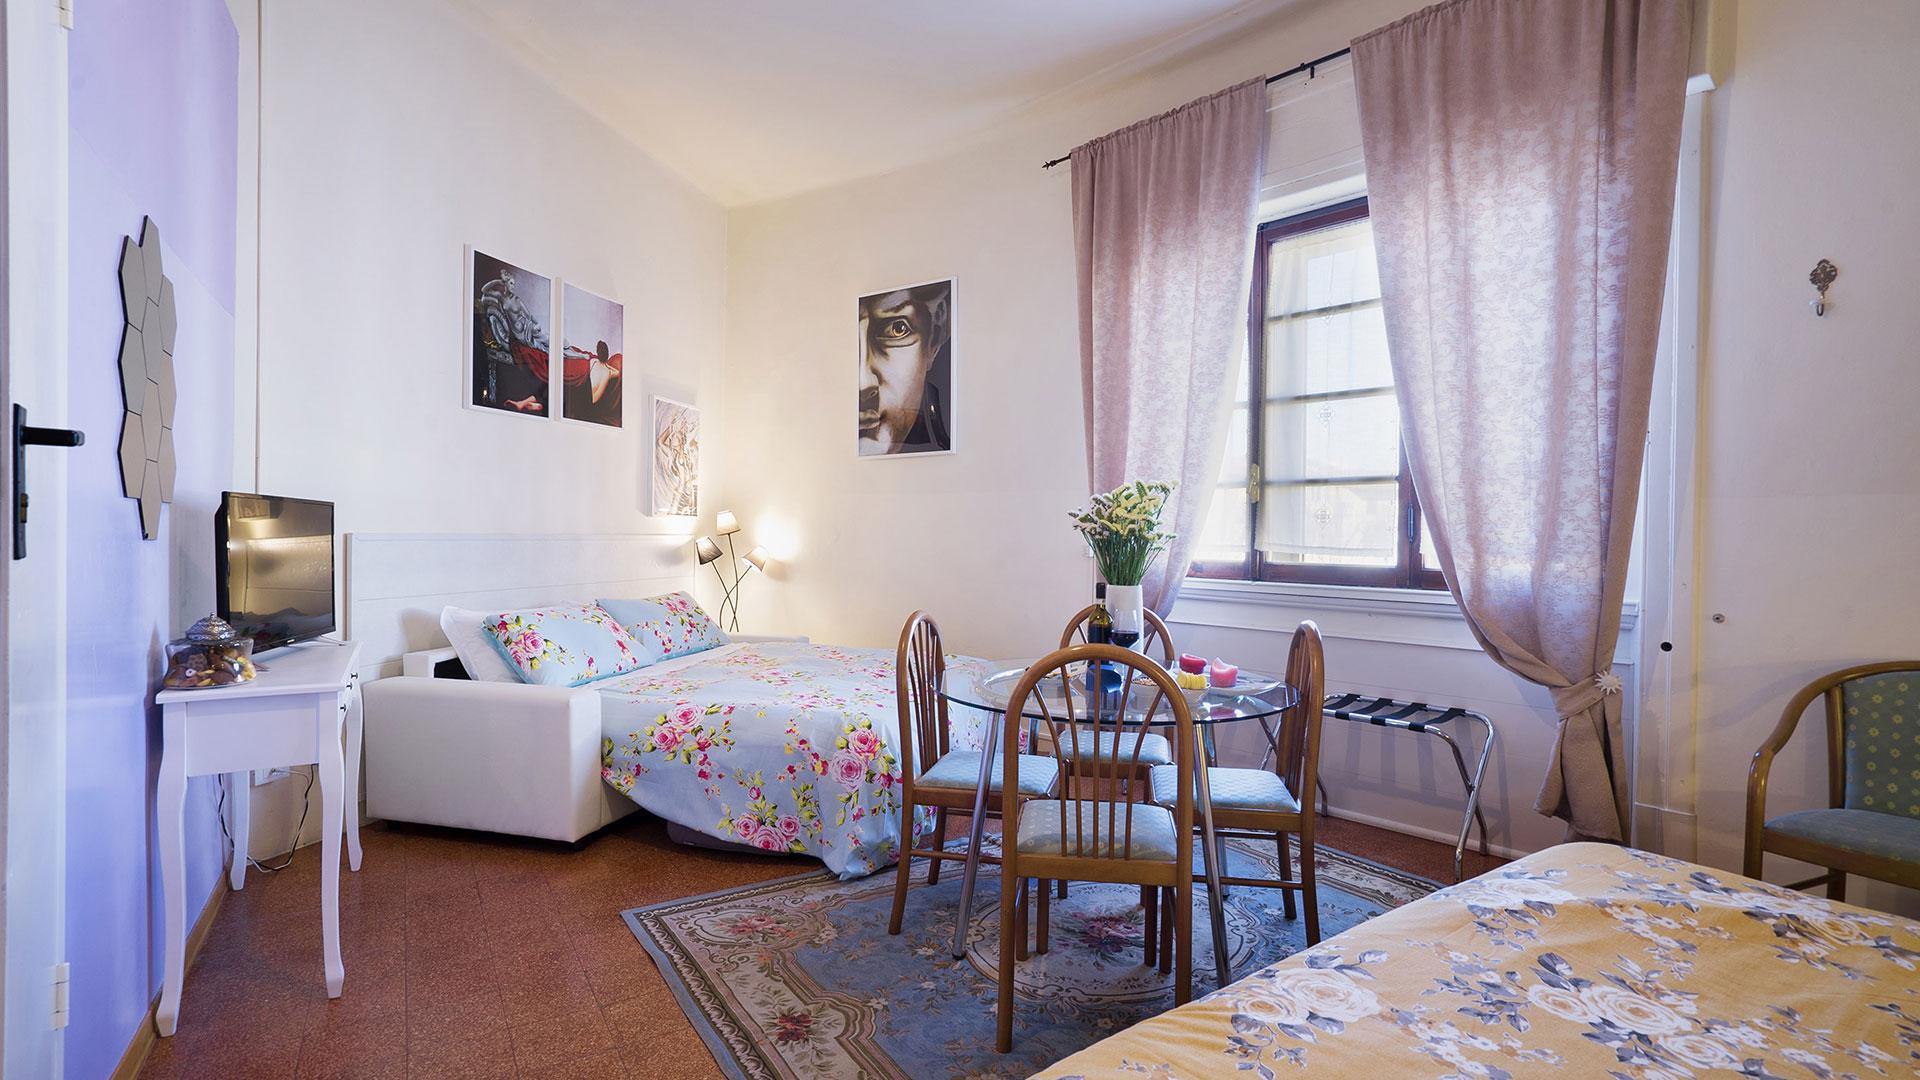 Last Minute Bed and Breakfast Firenze B&B Economici Firenze